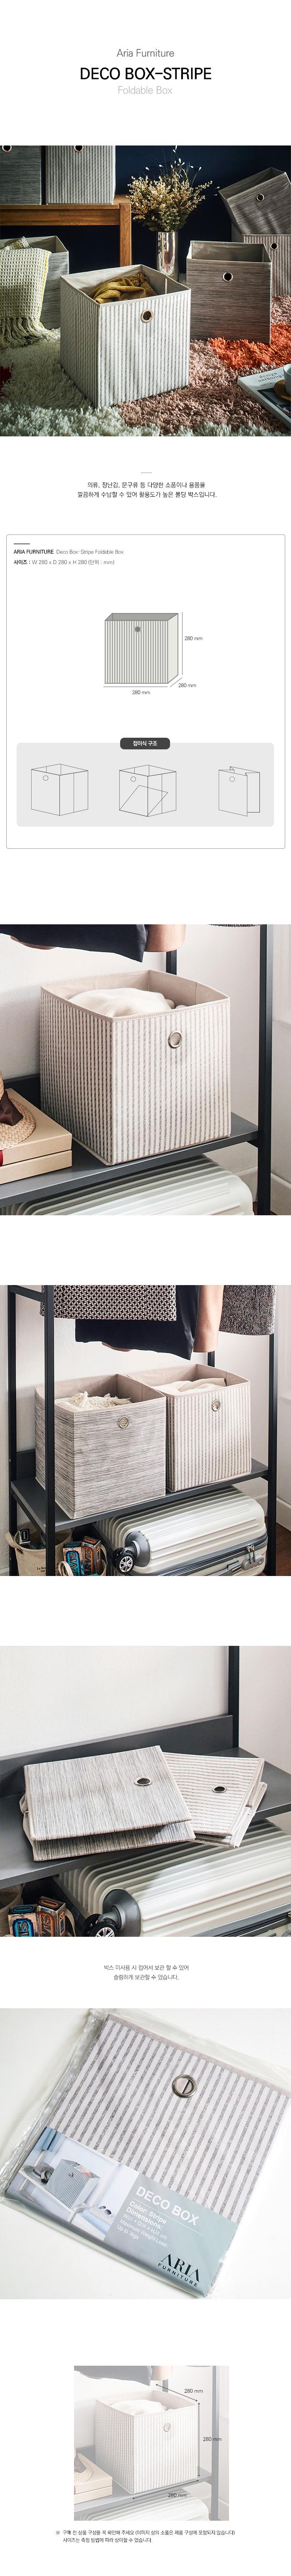 Deco-Box-Stripe_180426.jpg